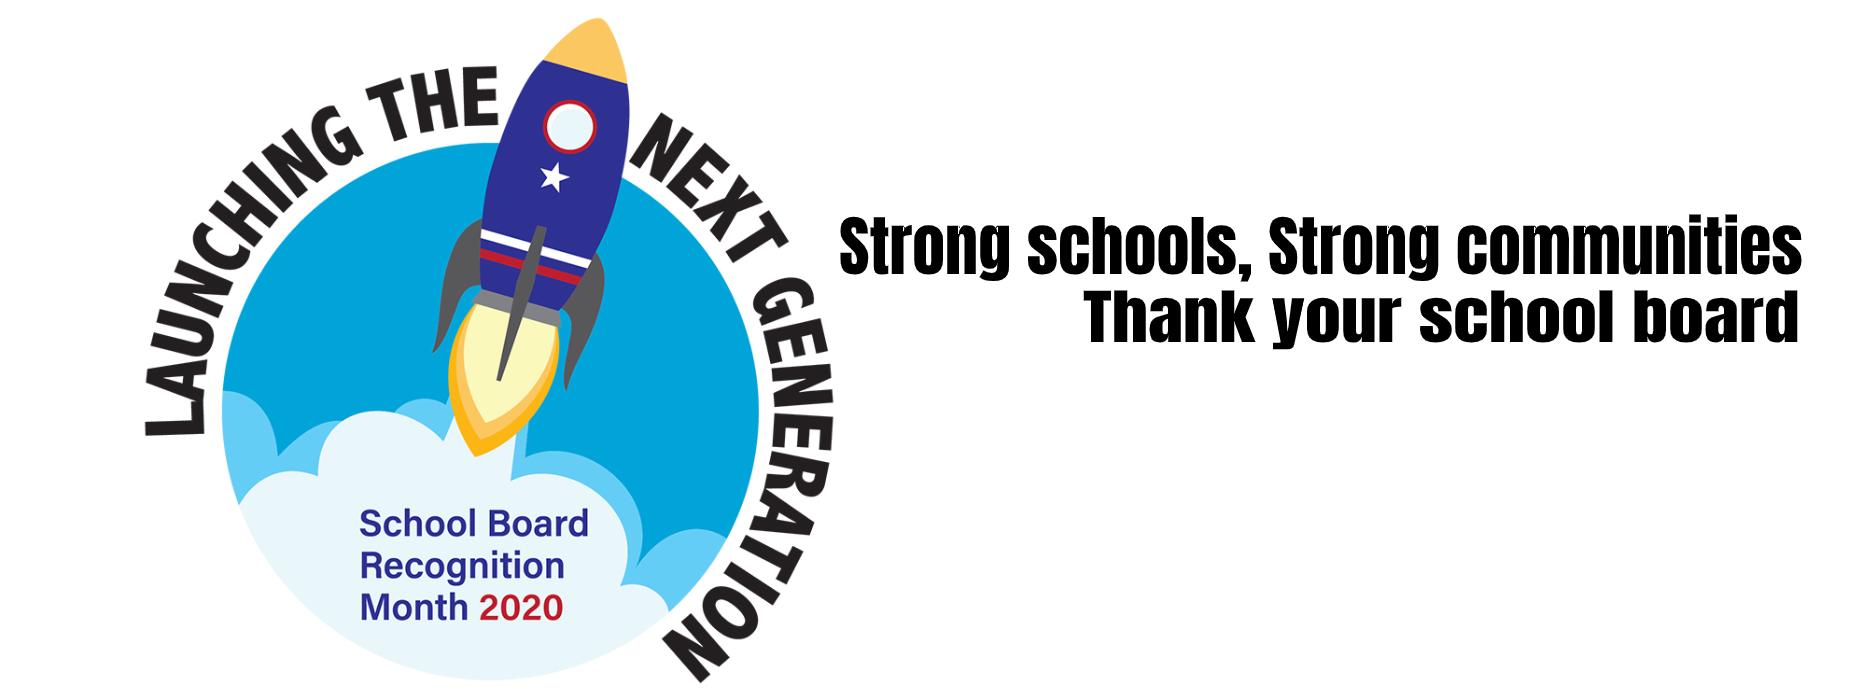 Thank you, school board!